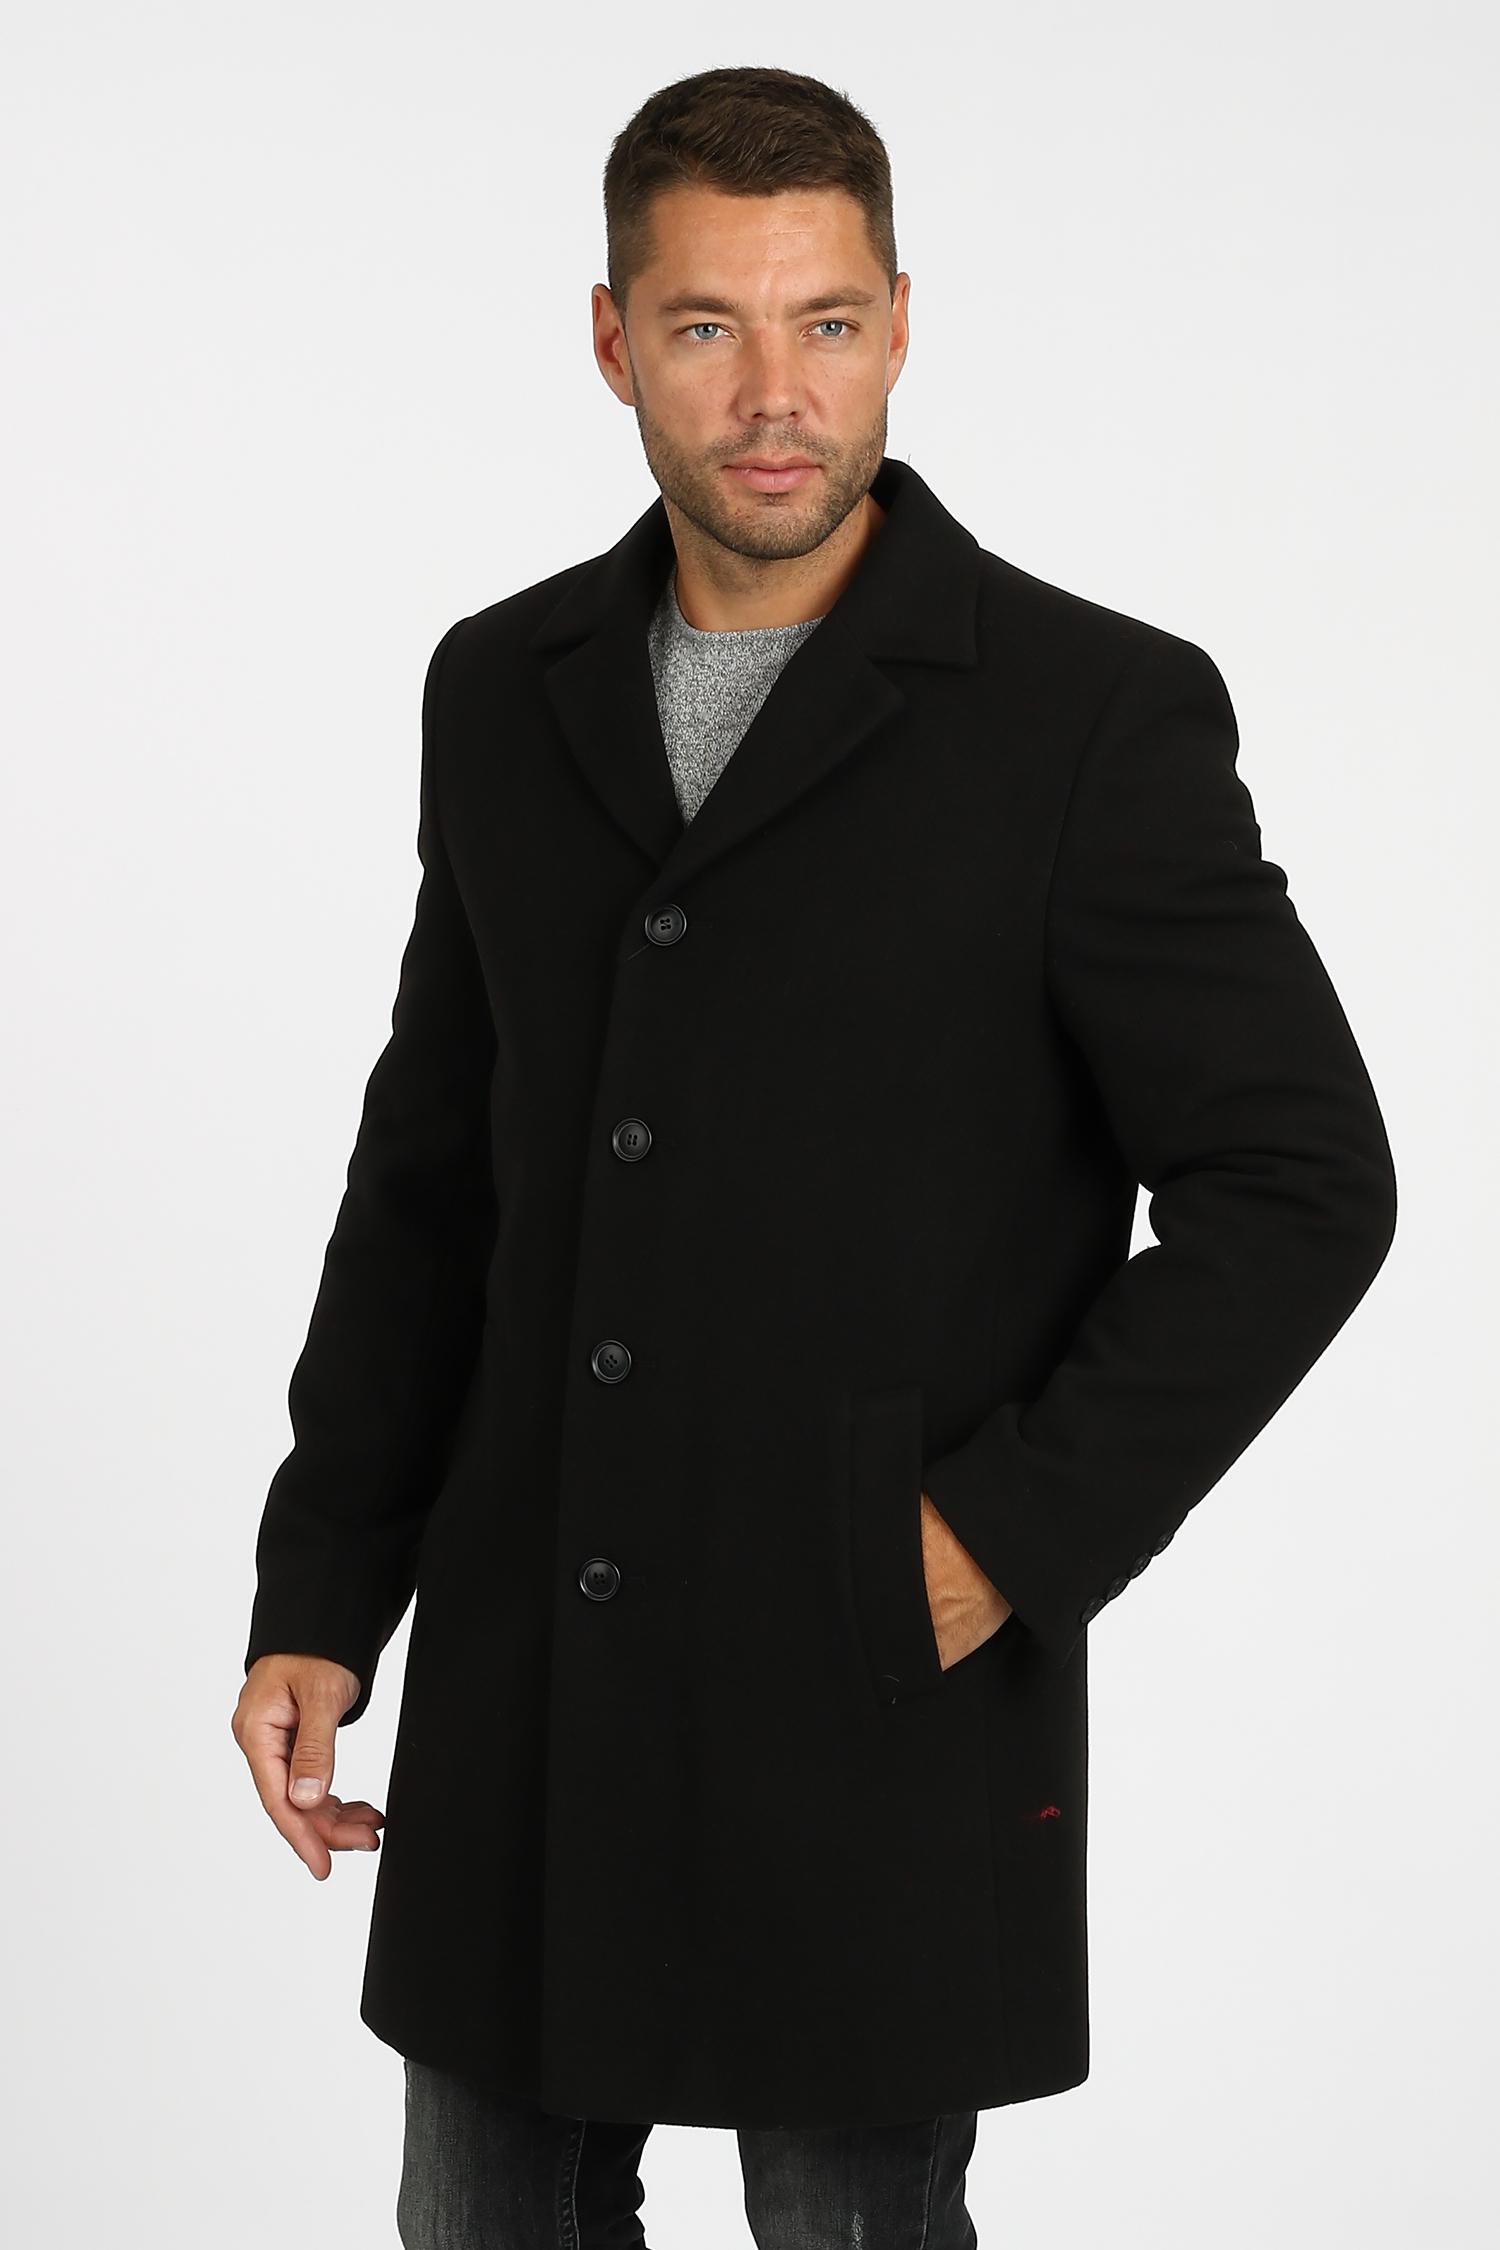 Купить со скидкой Мужское пальто из текстиля с воротником, без отделки